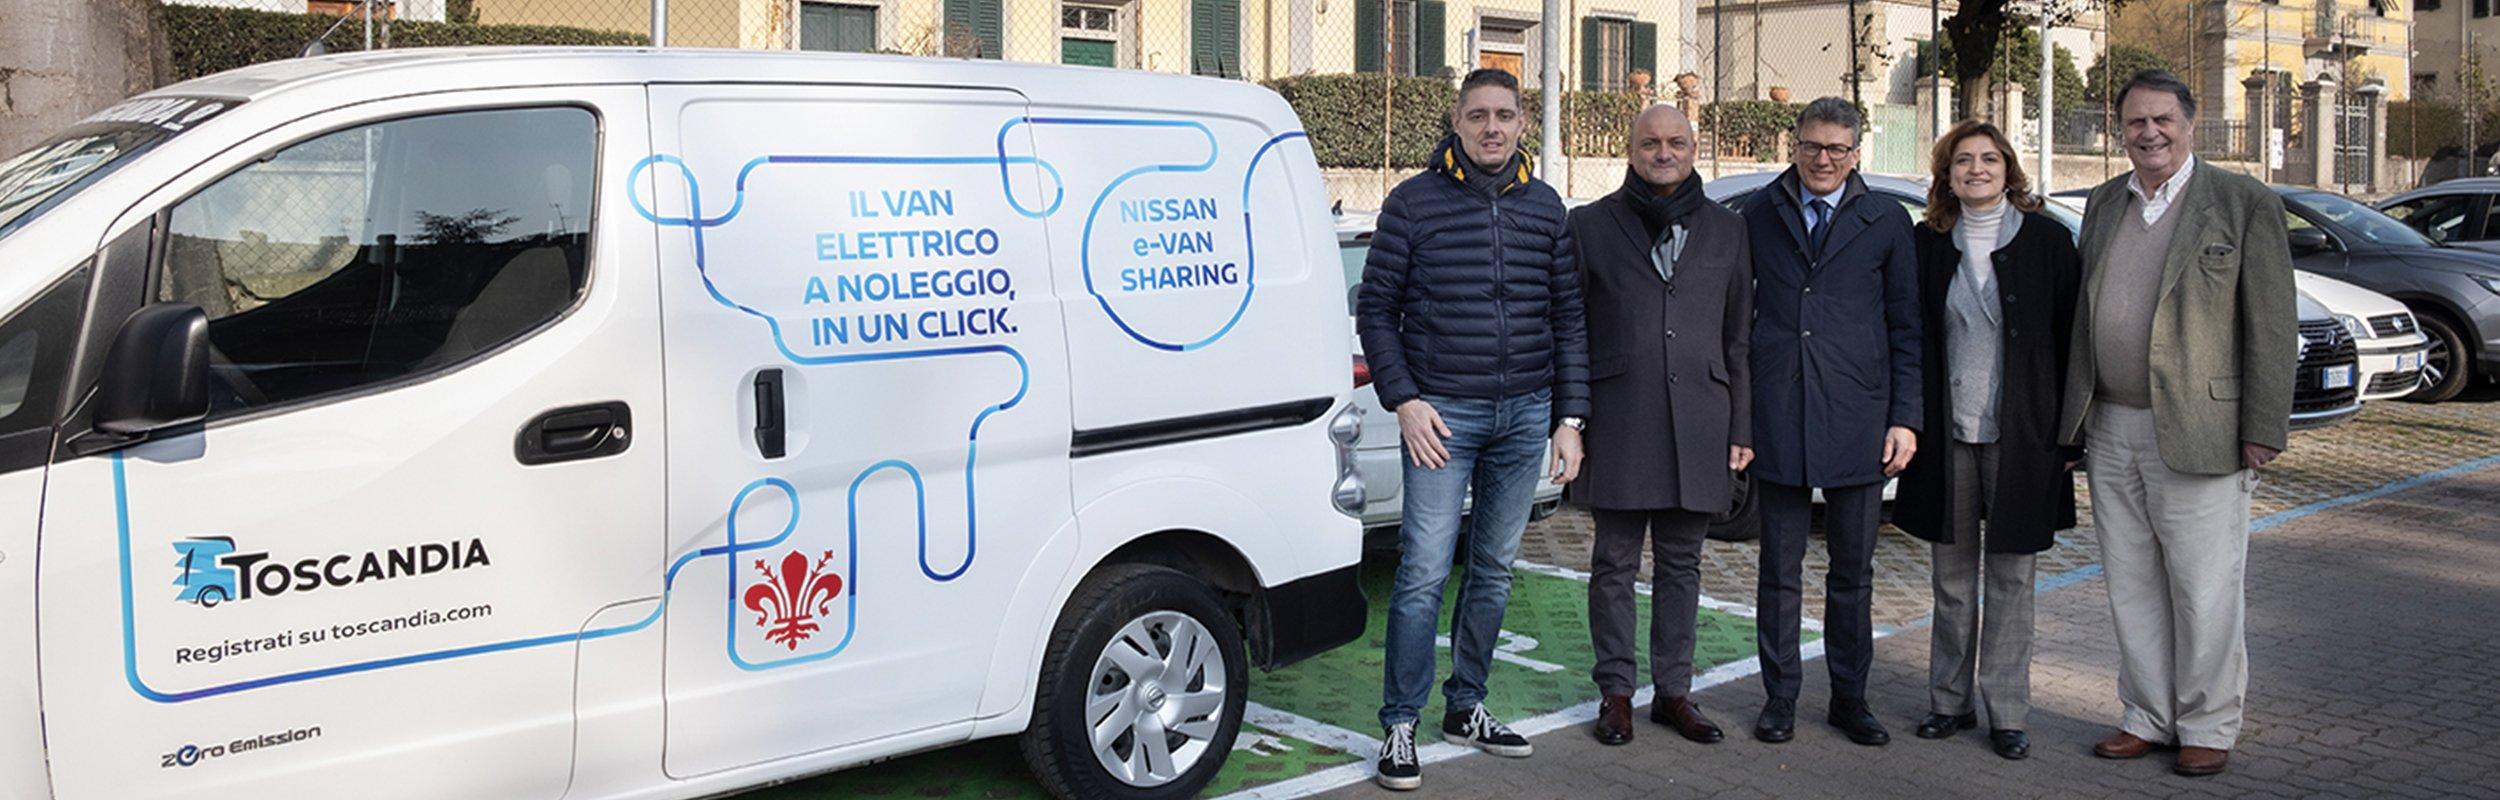 """""""E-Van Sharing"""", debutta a Firenze il servizio di trasporto merci elettrico condiviso"""